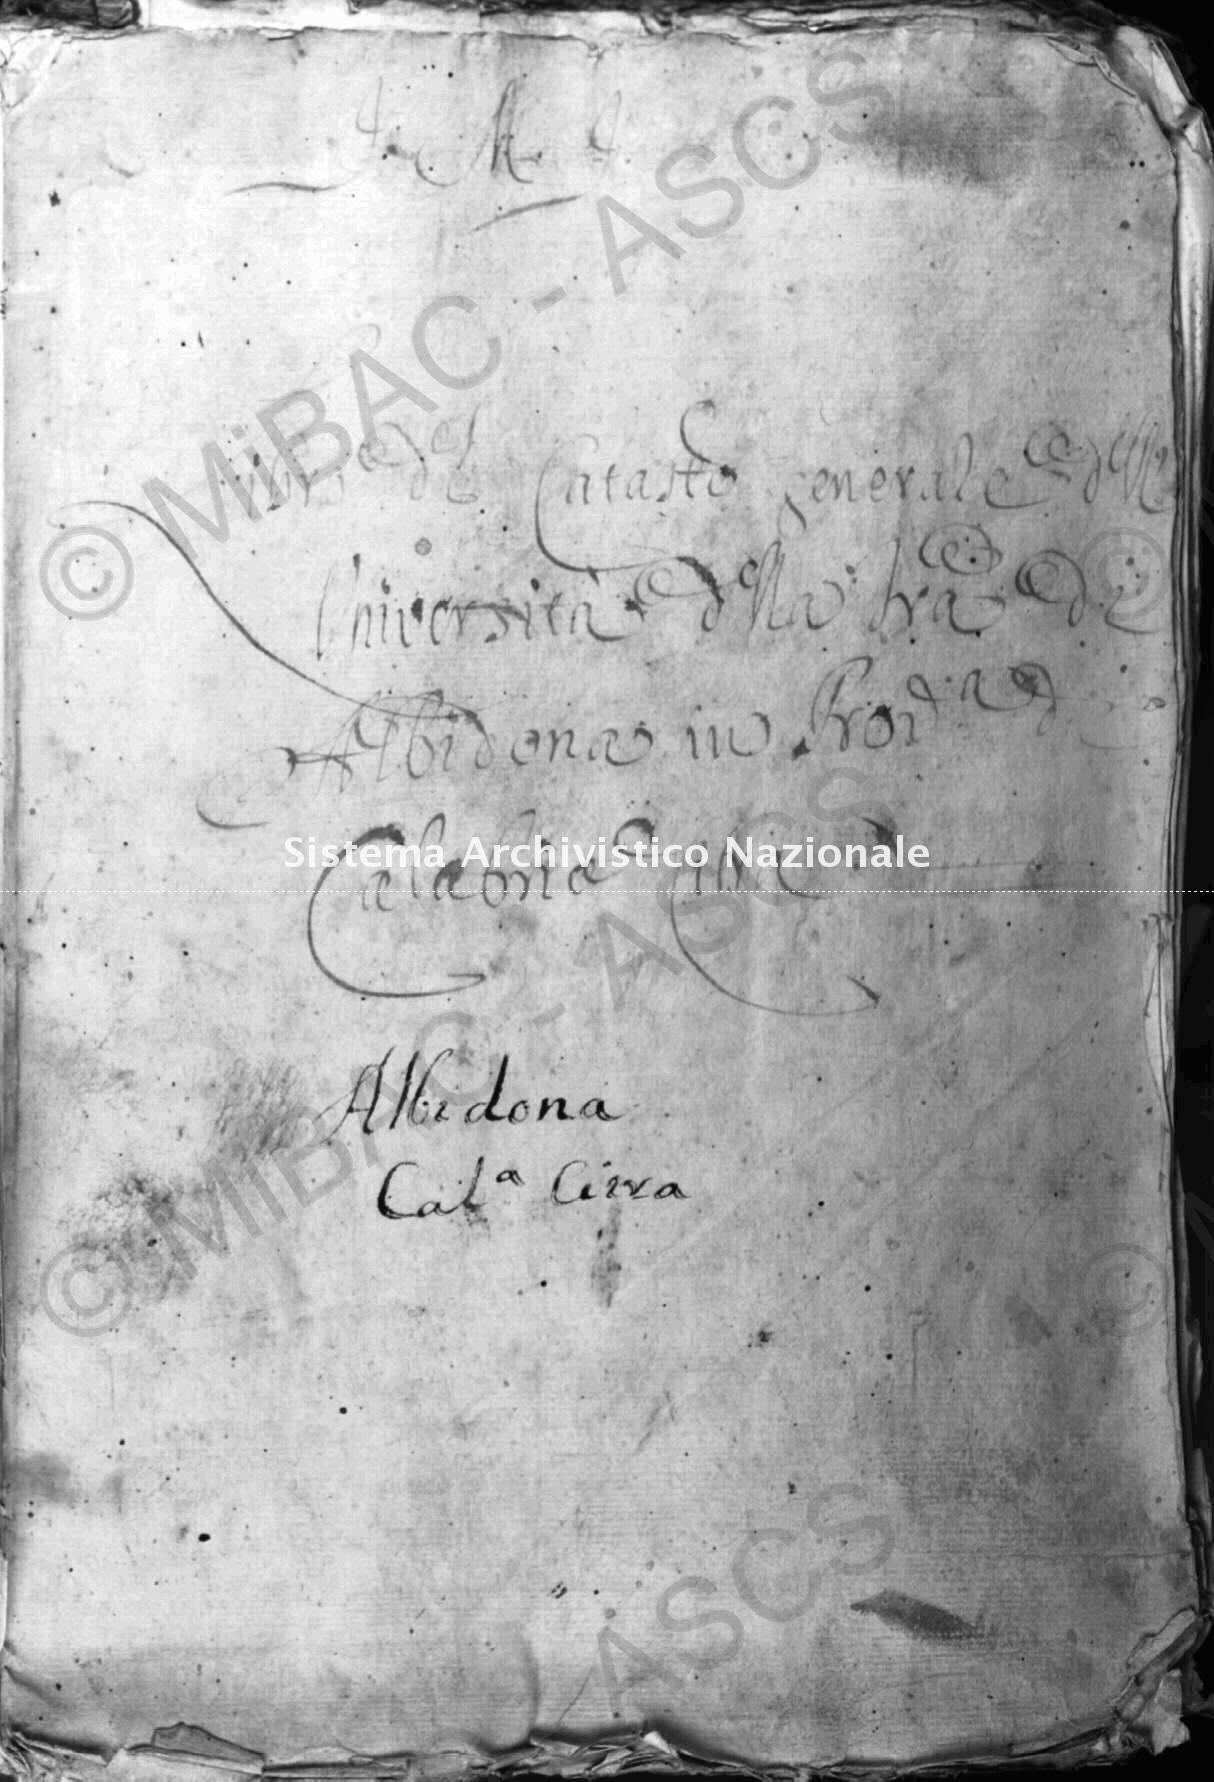 Archivio di Stato di Cosenza. Catasto Onciario Albidona